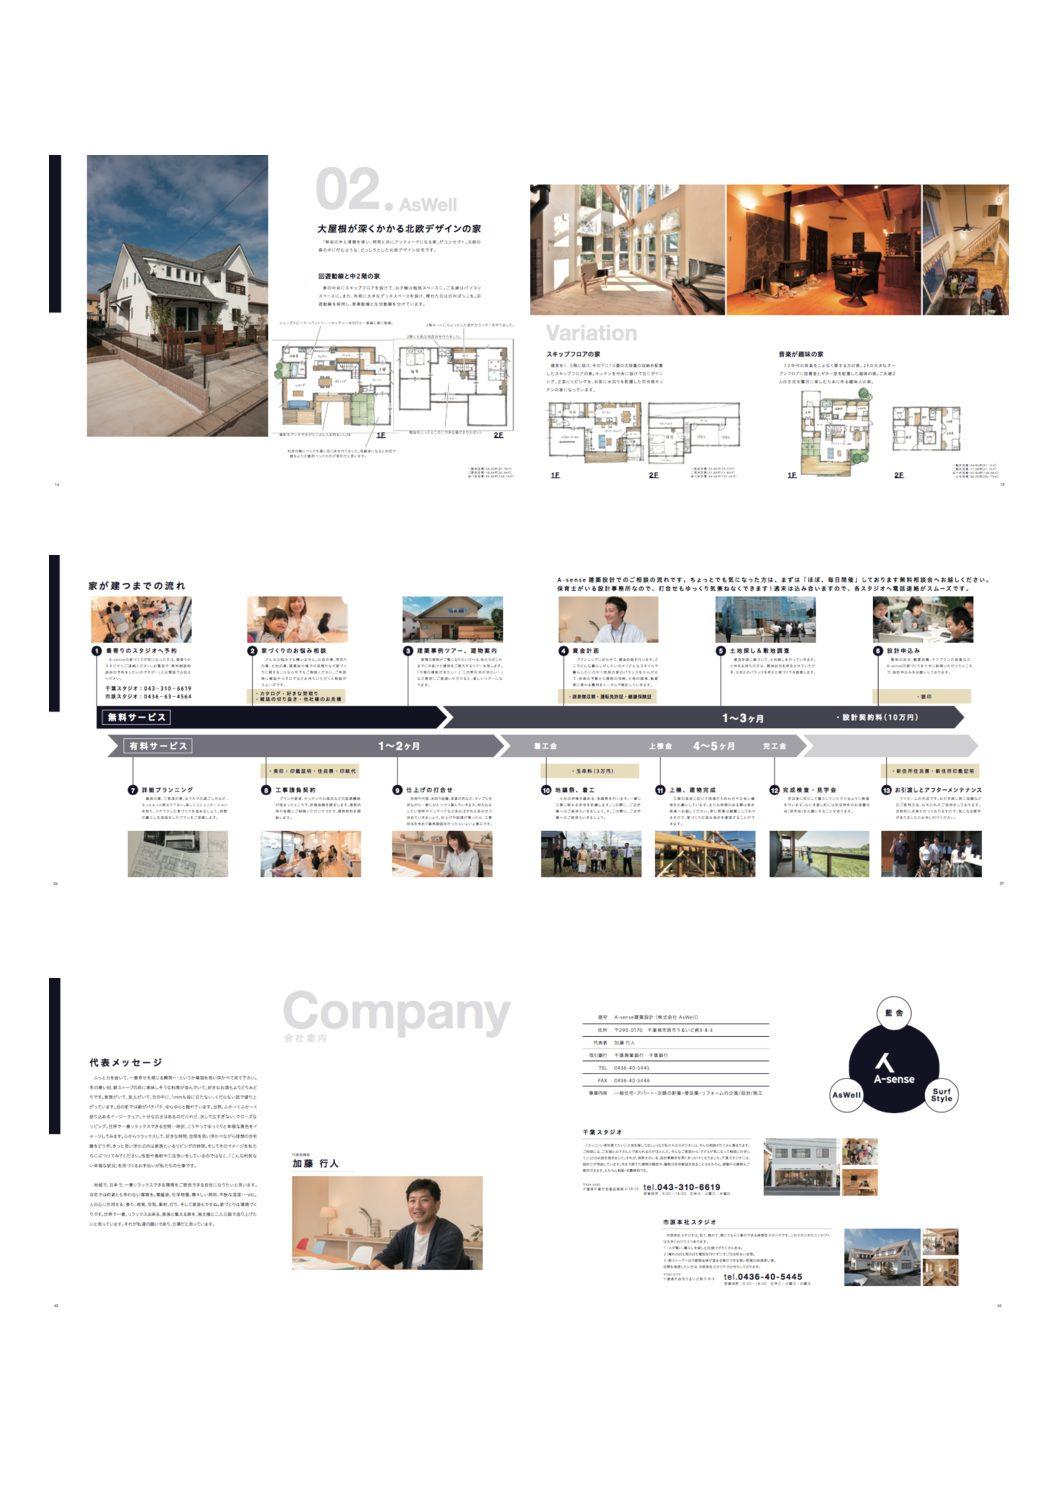 A-sense建築設計様 コンセプトブック